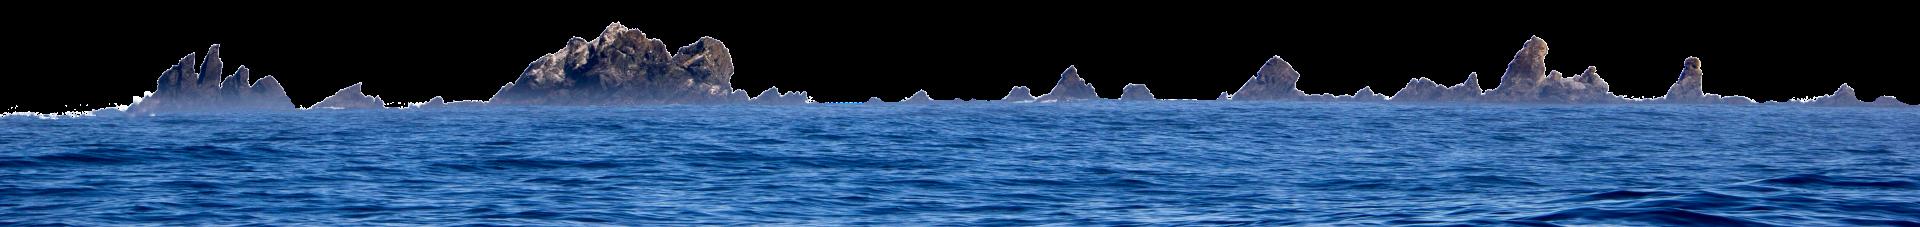 IMG_6403 islotes san antonio maque, sin cielo (1)